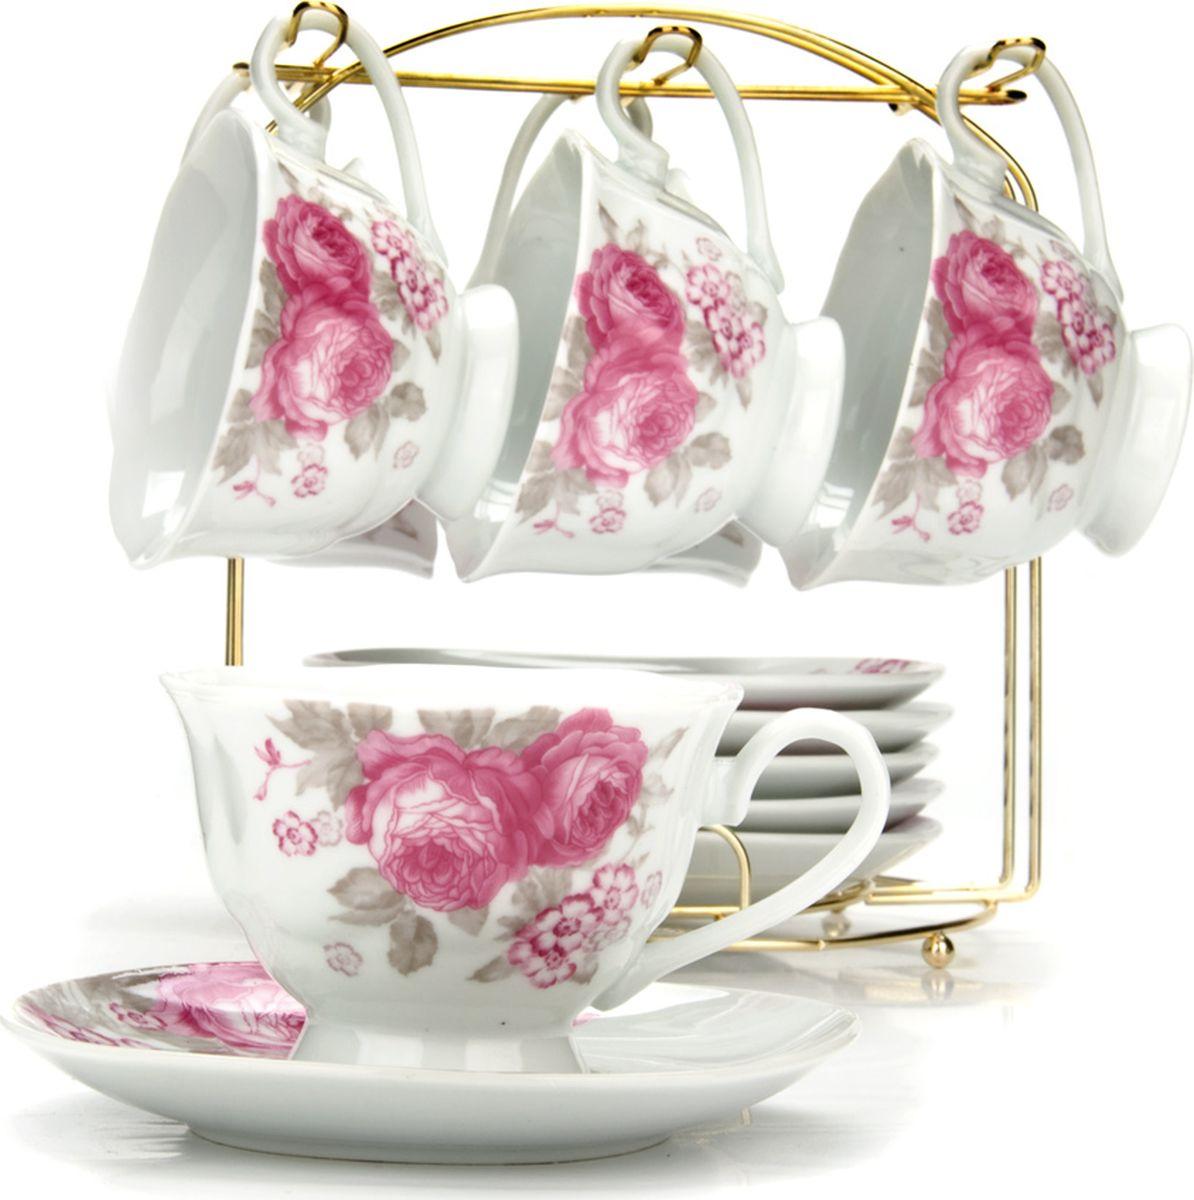 Сервиз чайный Loraine, на подставке, 13 предметов. 4329525946